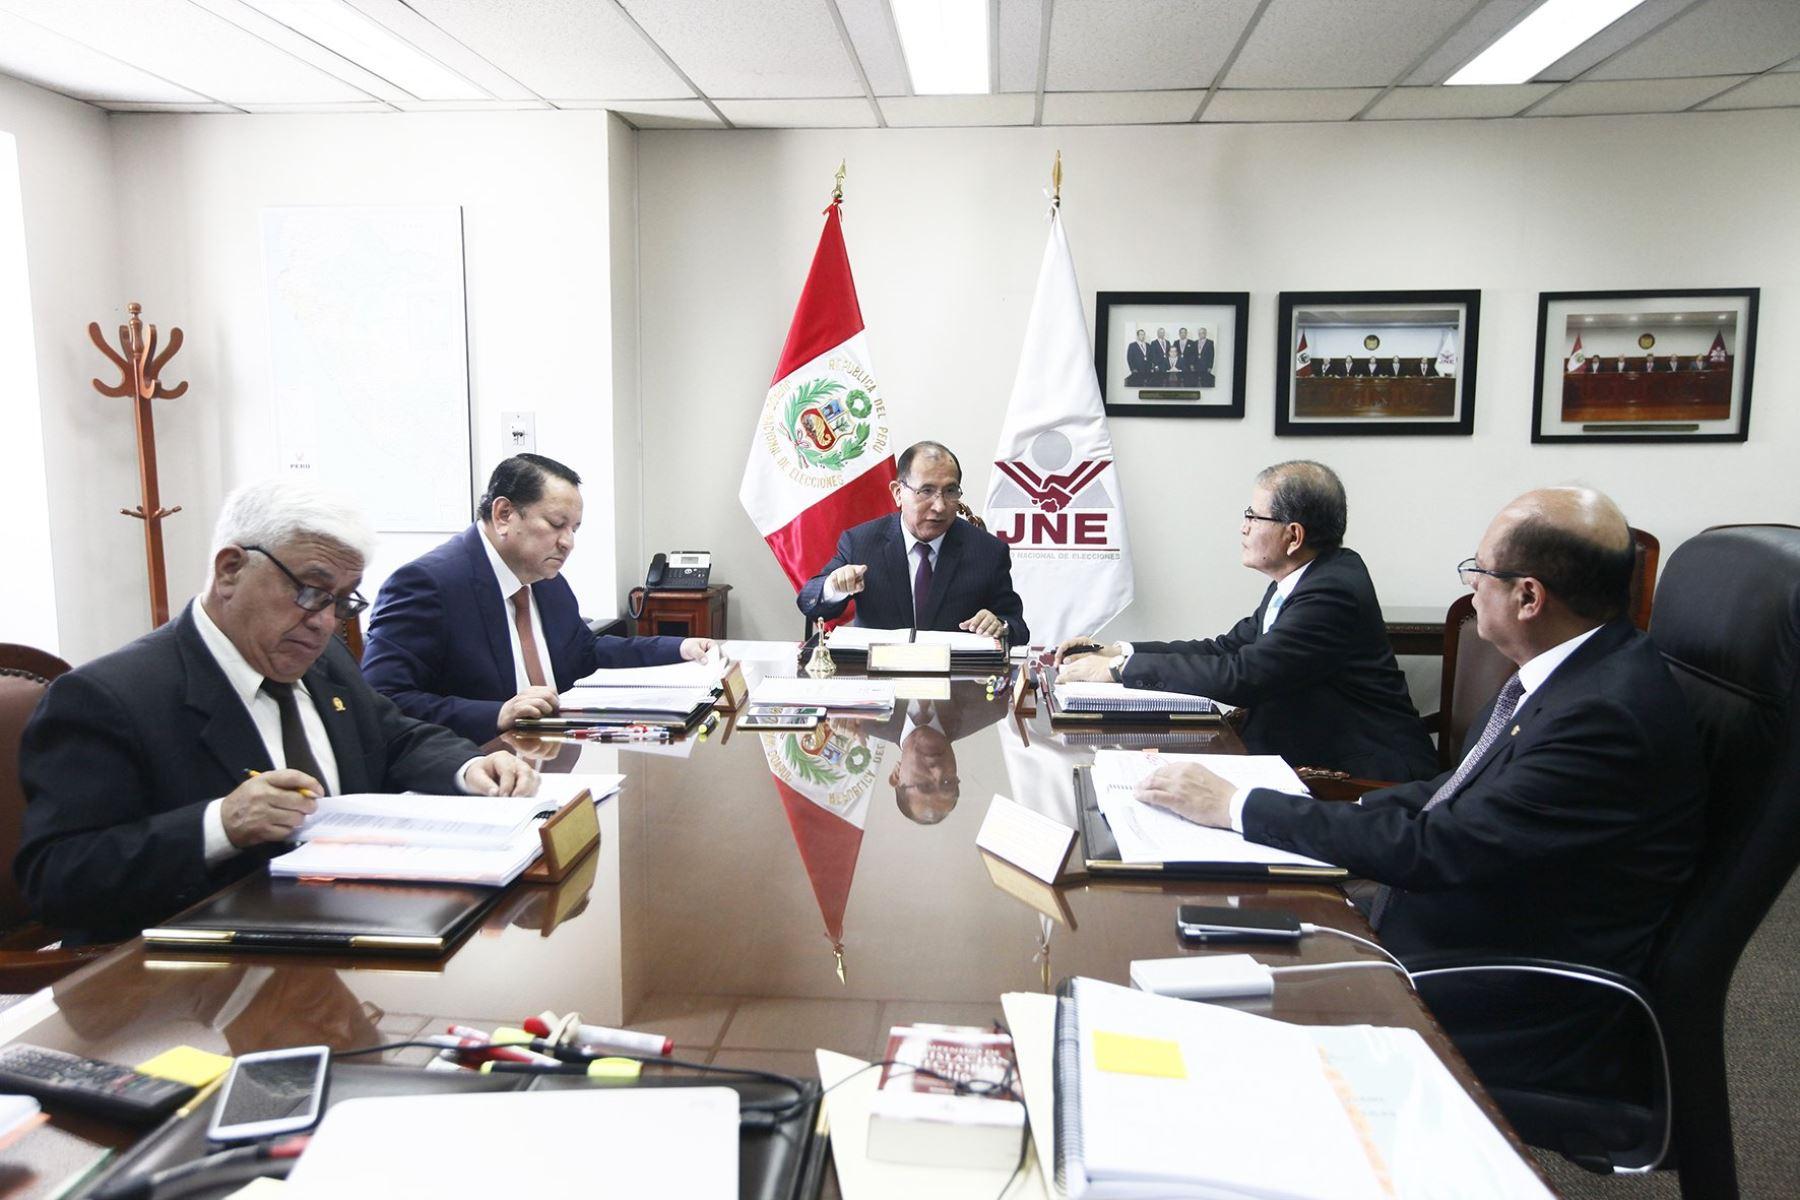 Pleno del Jurado Nacional de Elecciones.